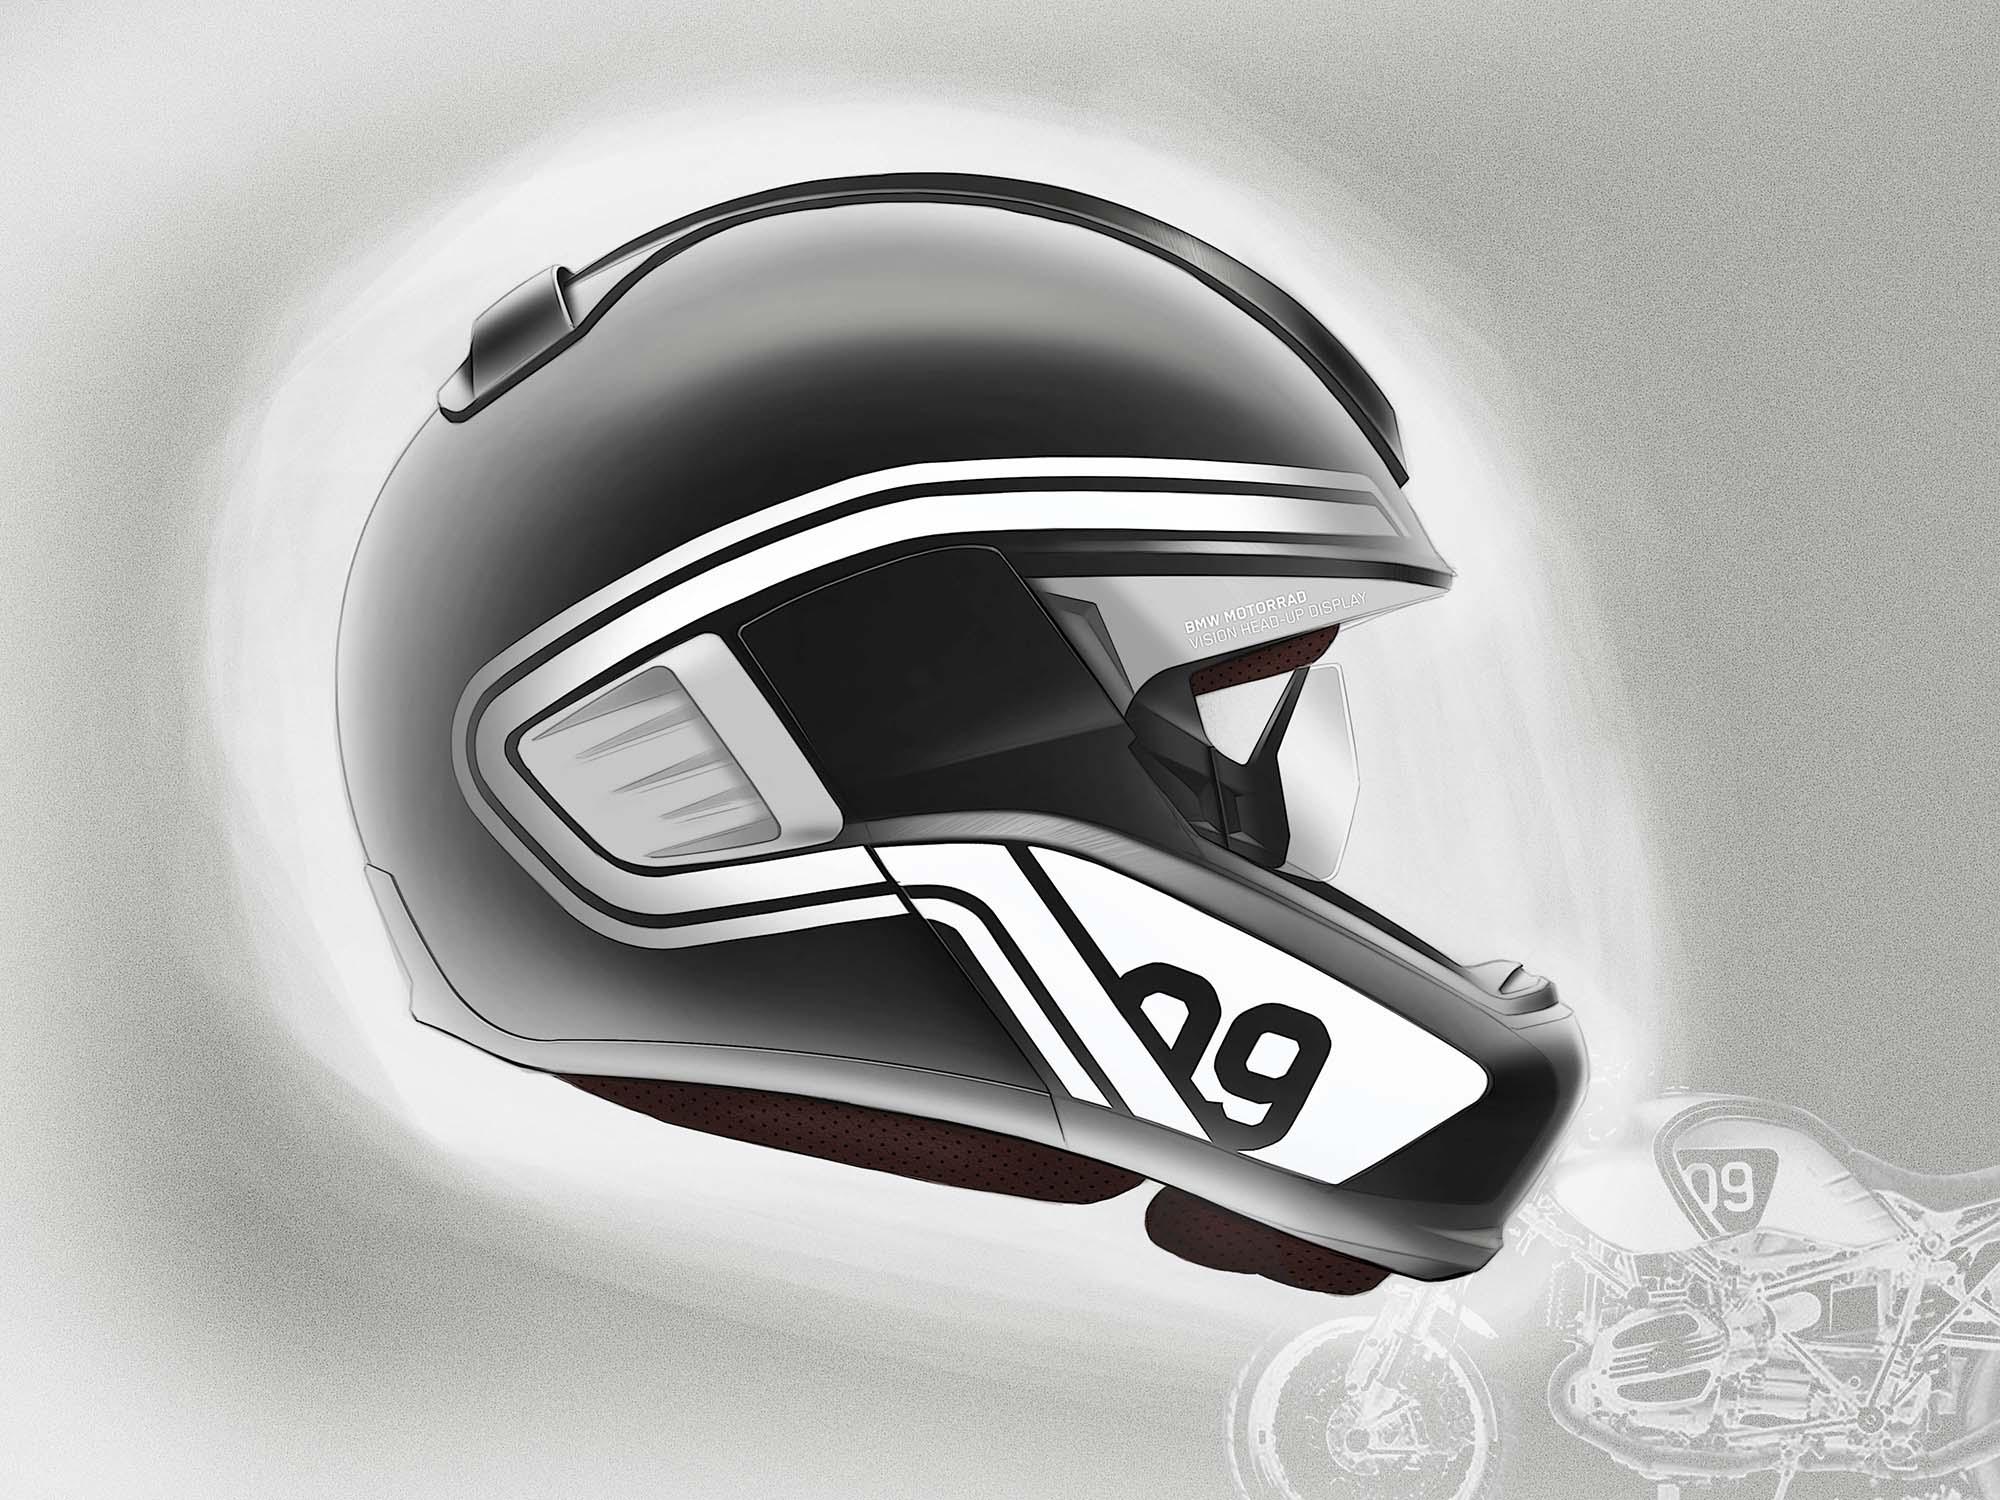 Bmw Developing Hud Motorcycle Helmet